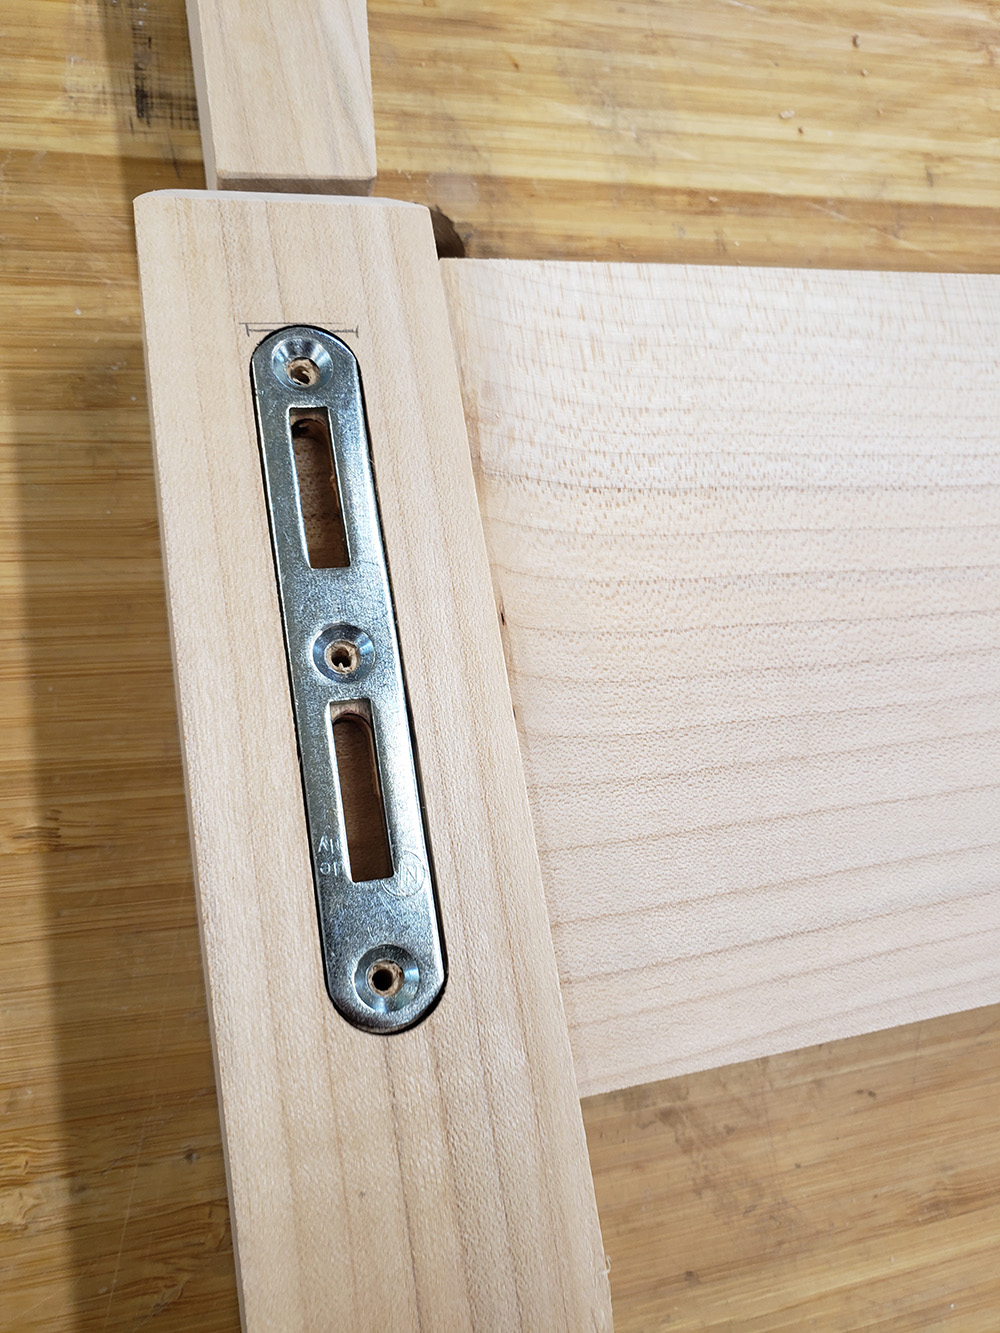 Bed Frames 25 - Hardware